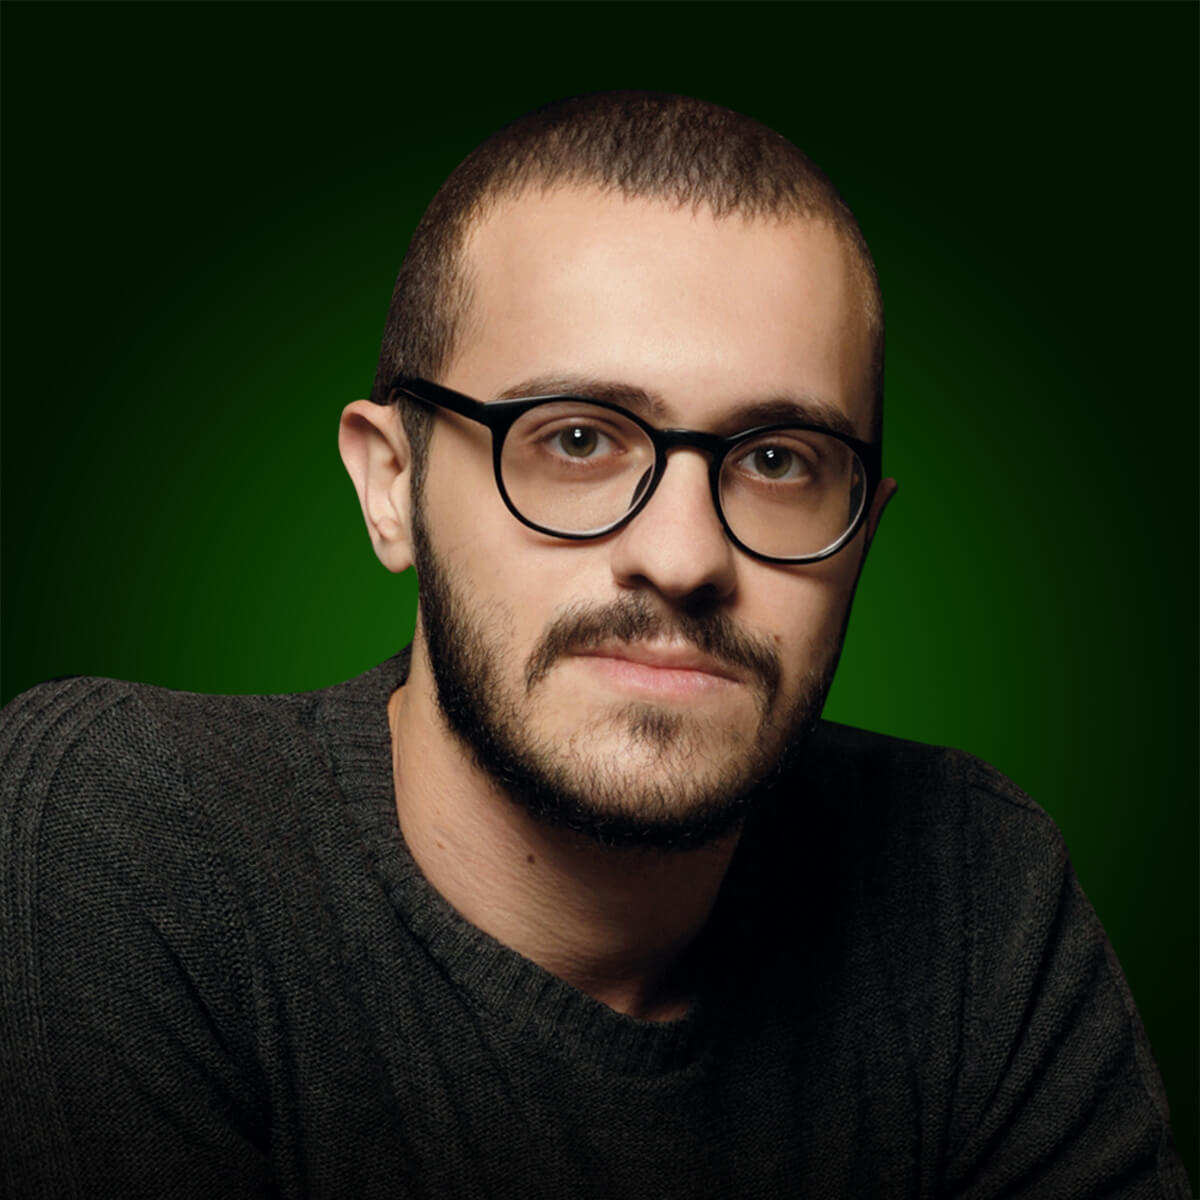 Rafik El Hariri